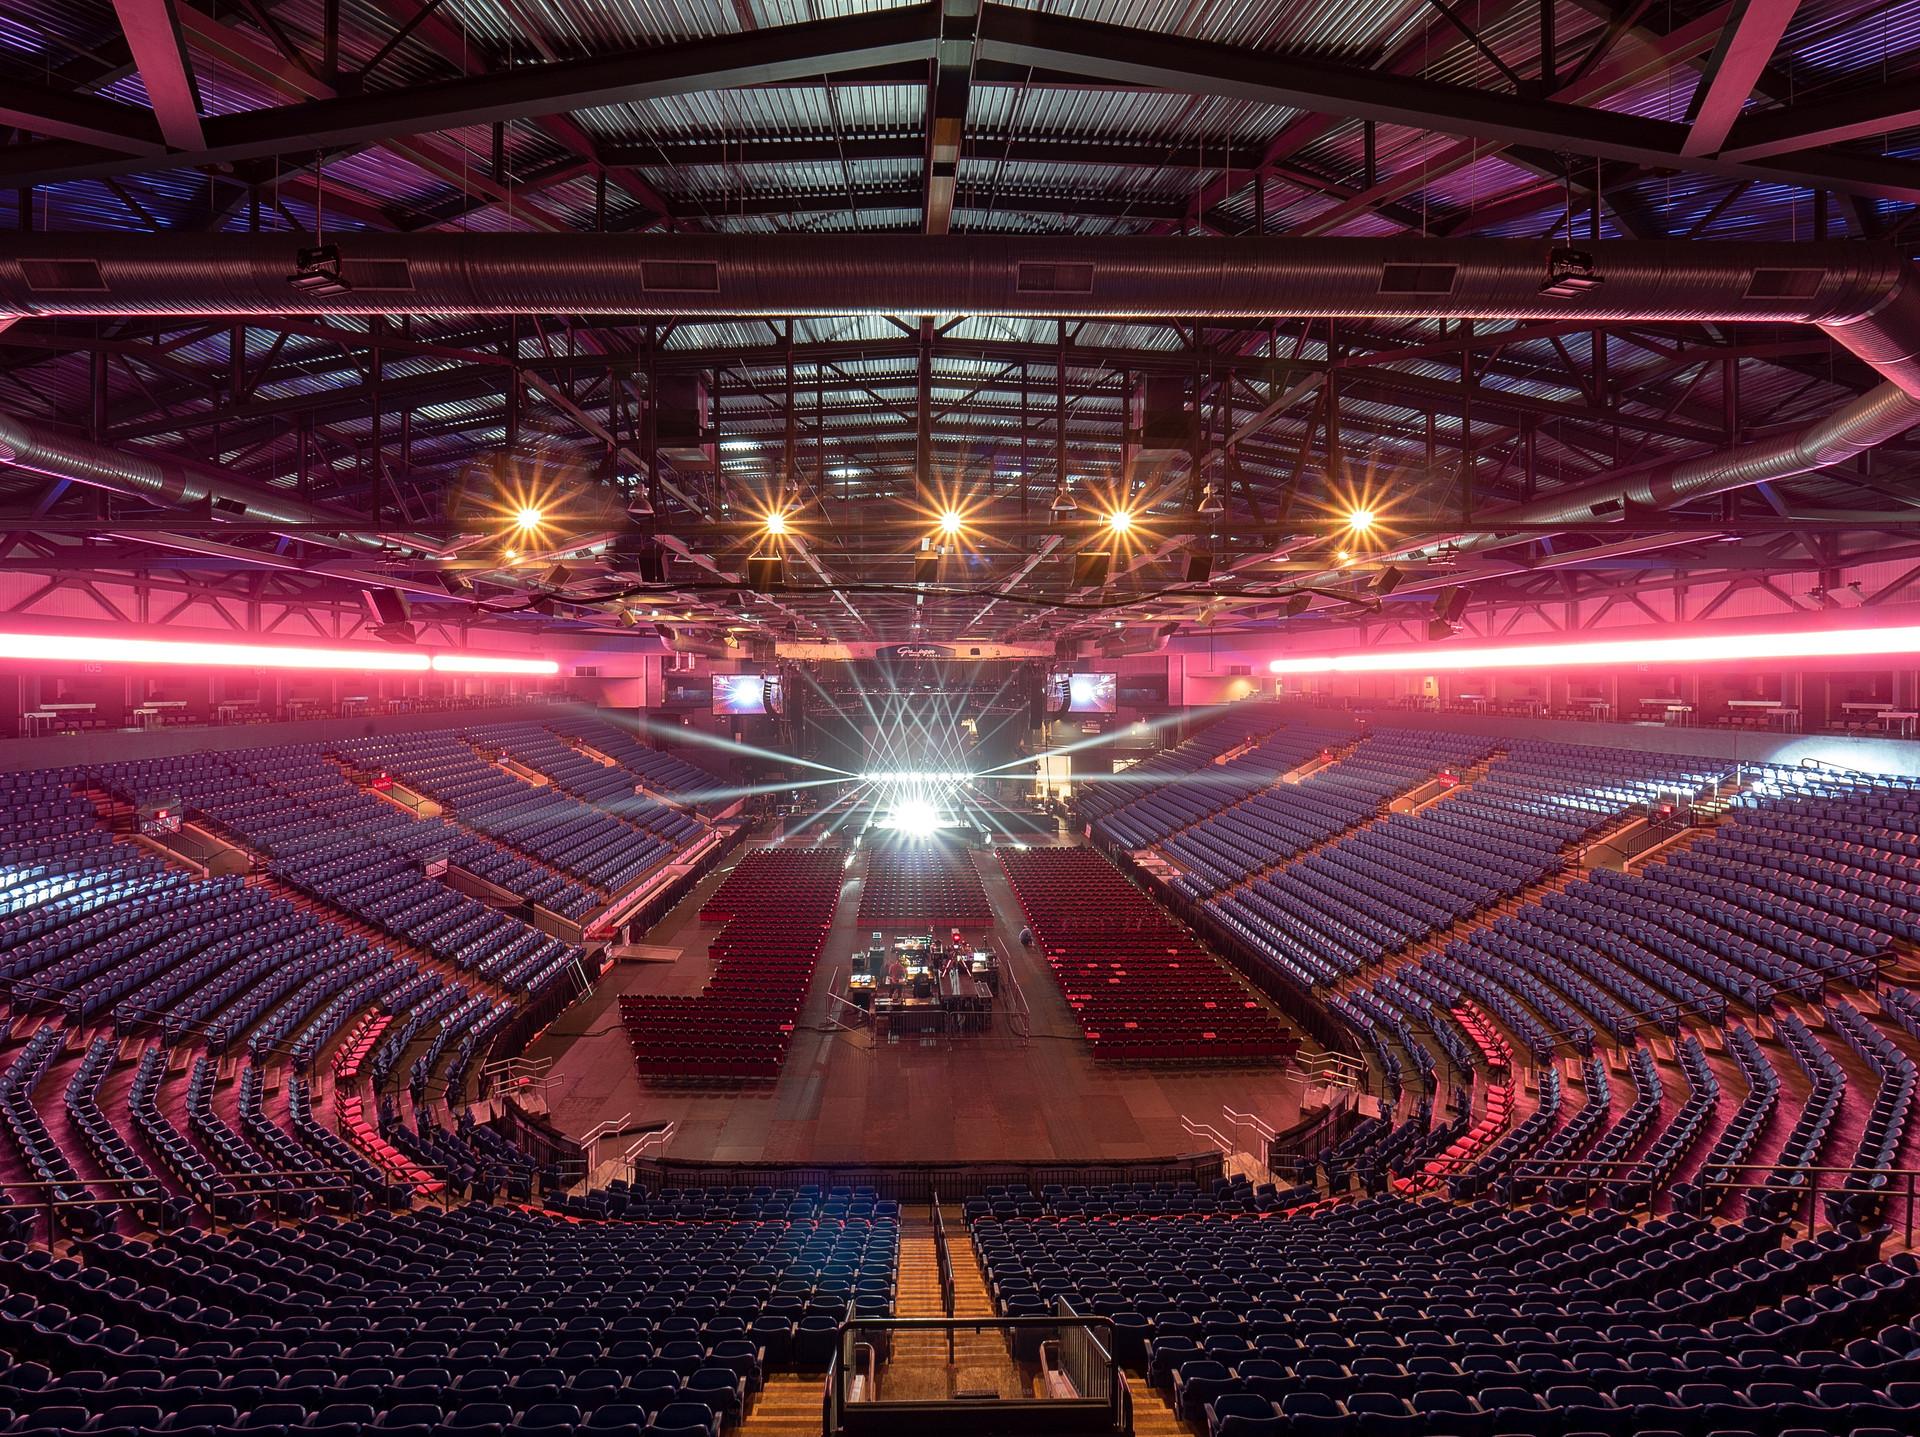 Grossinger Motors Arena Concert